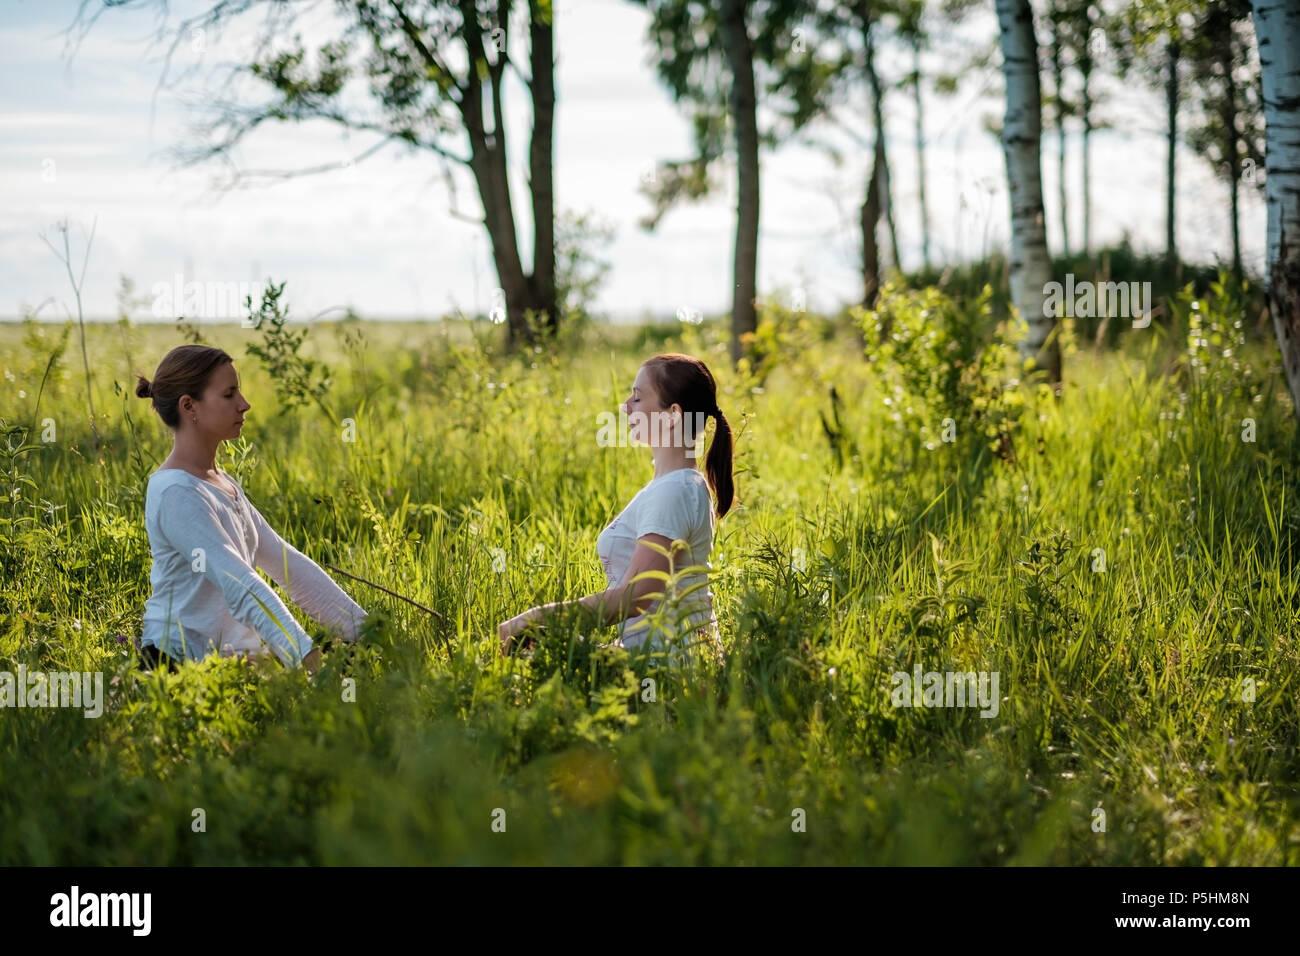 Retrato de dos jóvenes mujeres disfrutando de pranayama o ejercicios de respiración, relajarse, sentirse vivo y soñando Imagen De Stock